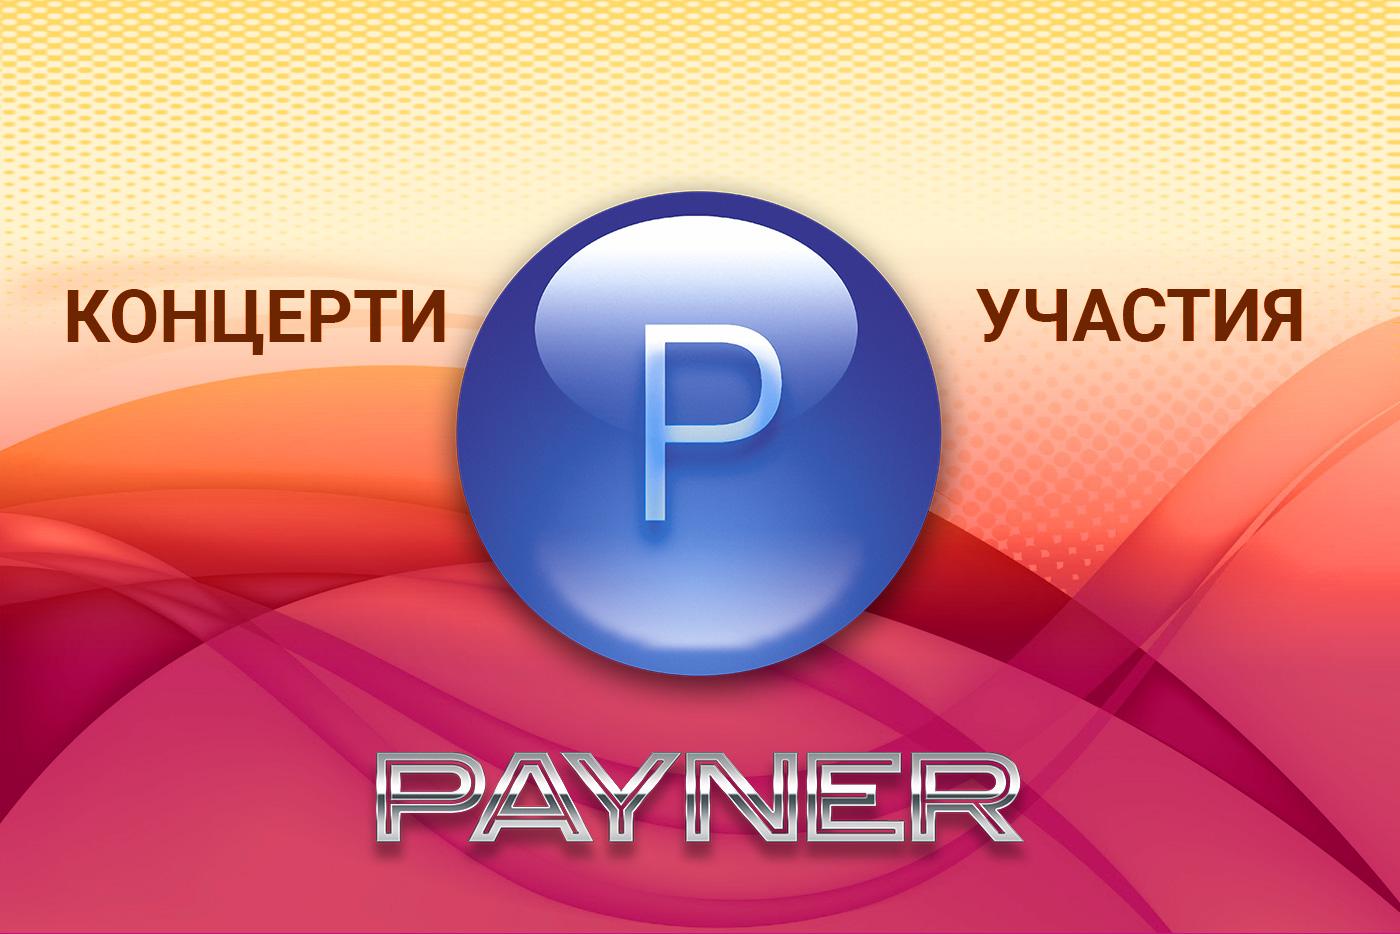 """Участия на звездите на """"Пайнер"""" на 09.02.2019"""